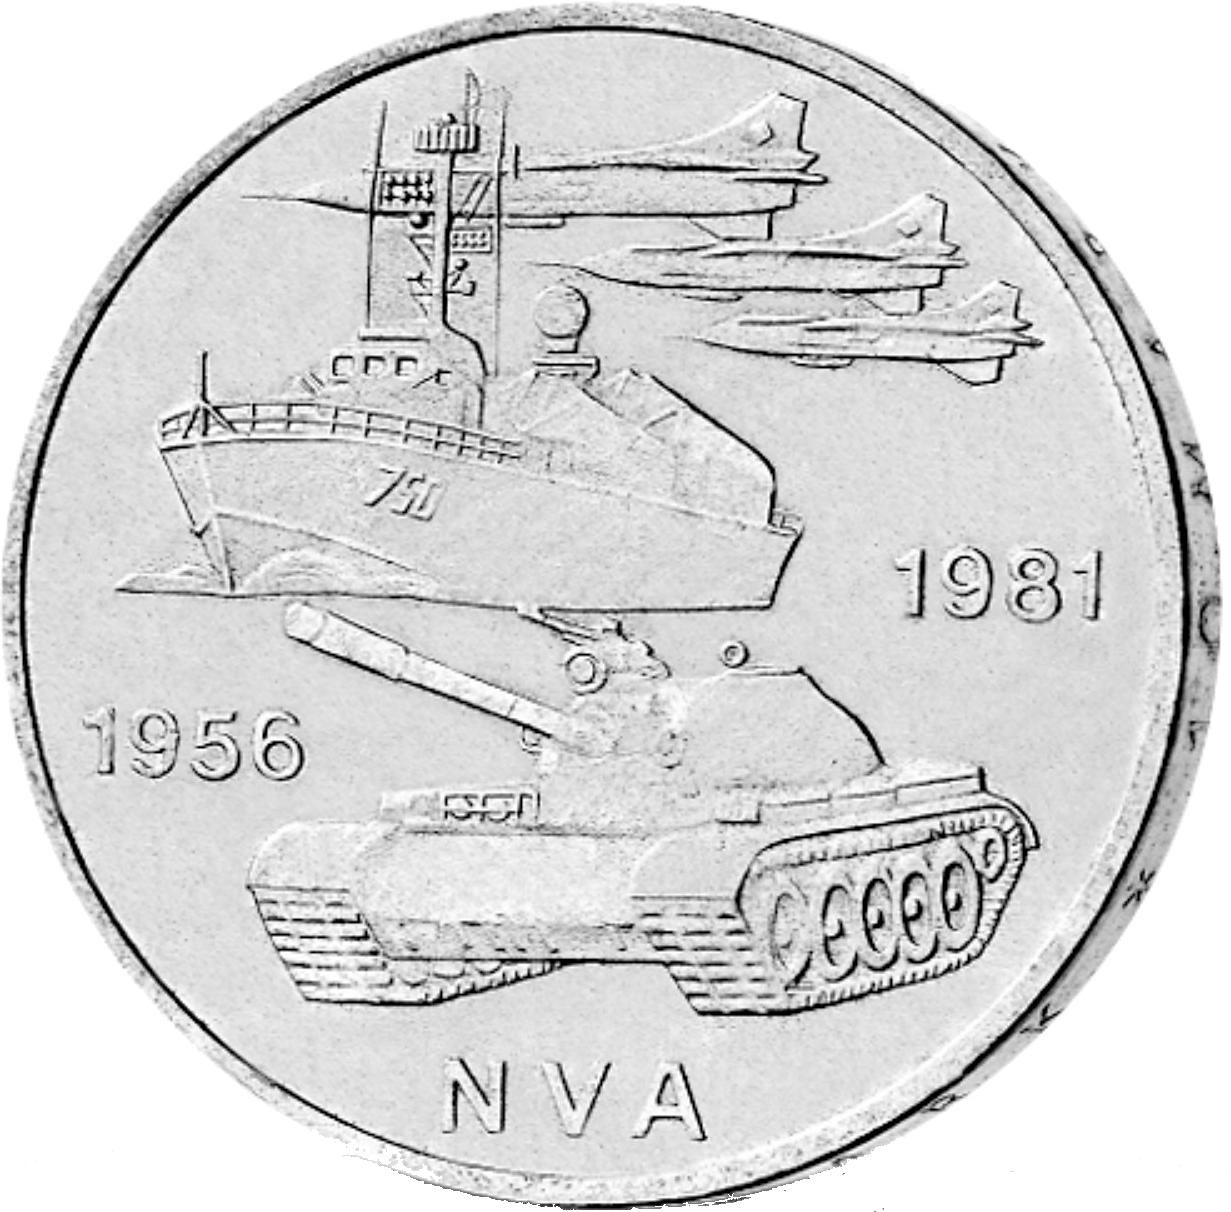 10 Mark Neusilber 25 Jahre Nva Ddr 1981 Münzen Günstigerde